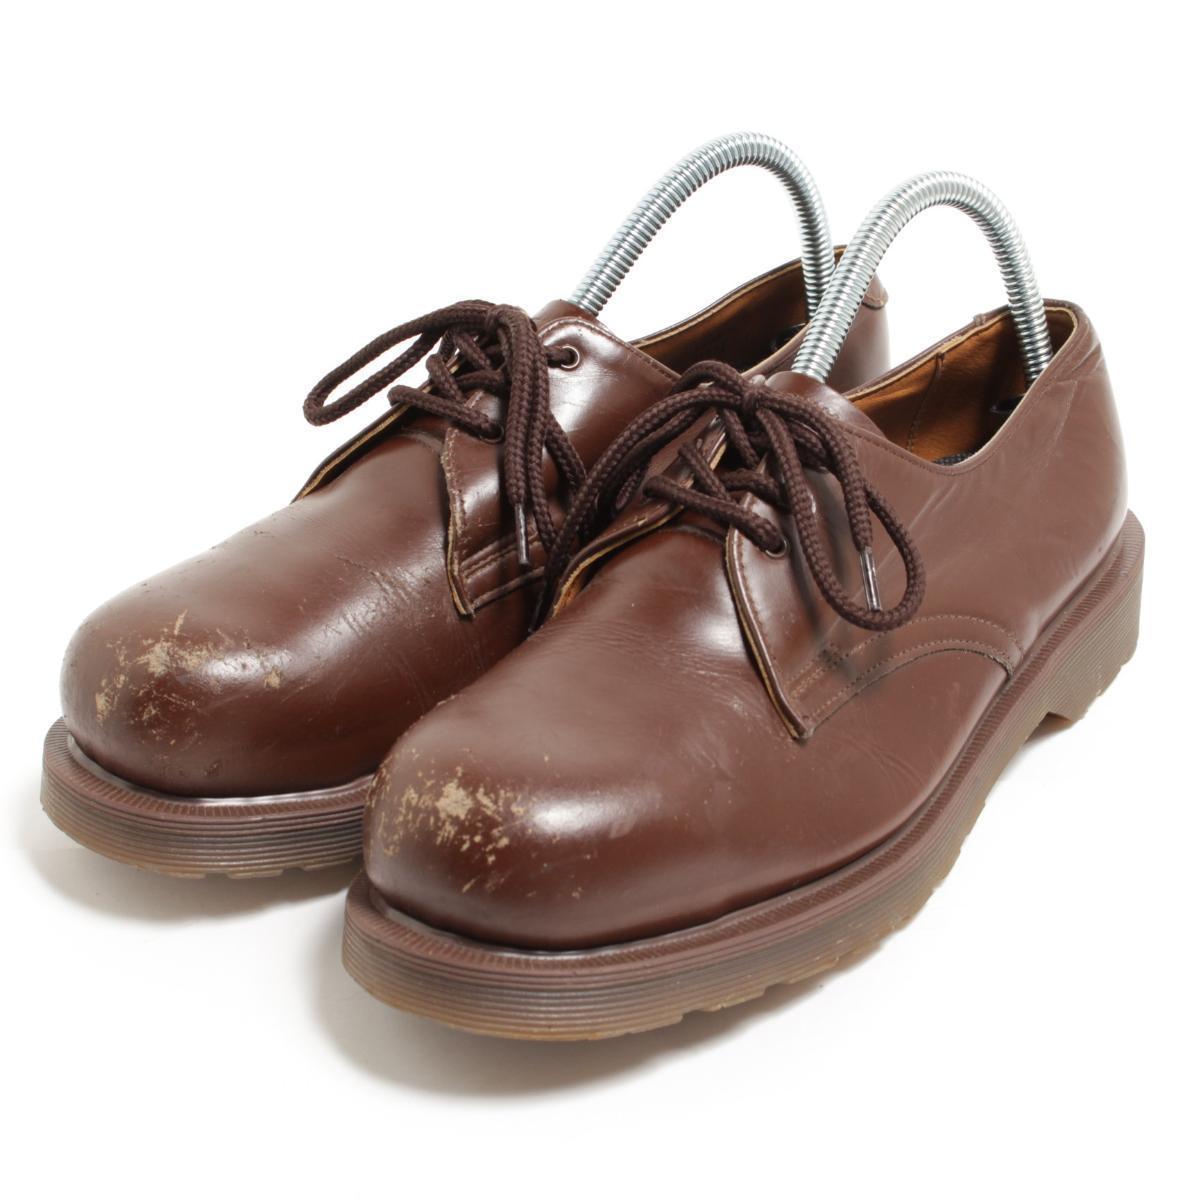 ドクターマーチン Dr.Martens 3ホールシューズ UK7 メンズ25.5cm /bom9311 【中古】【古着屋JAM】 【180626】